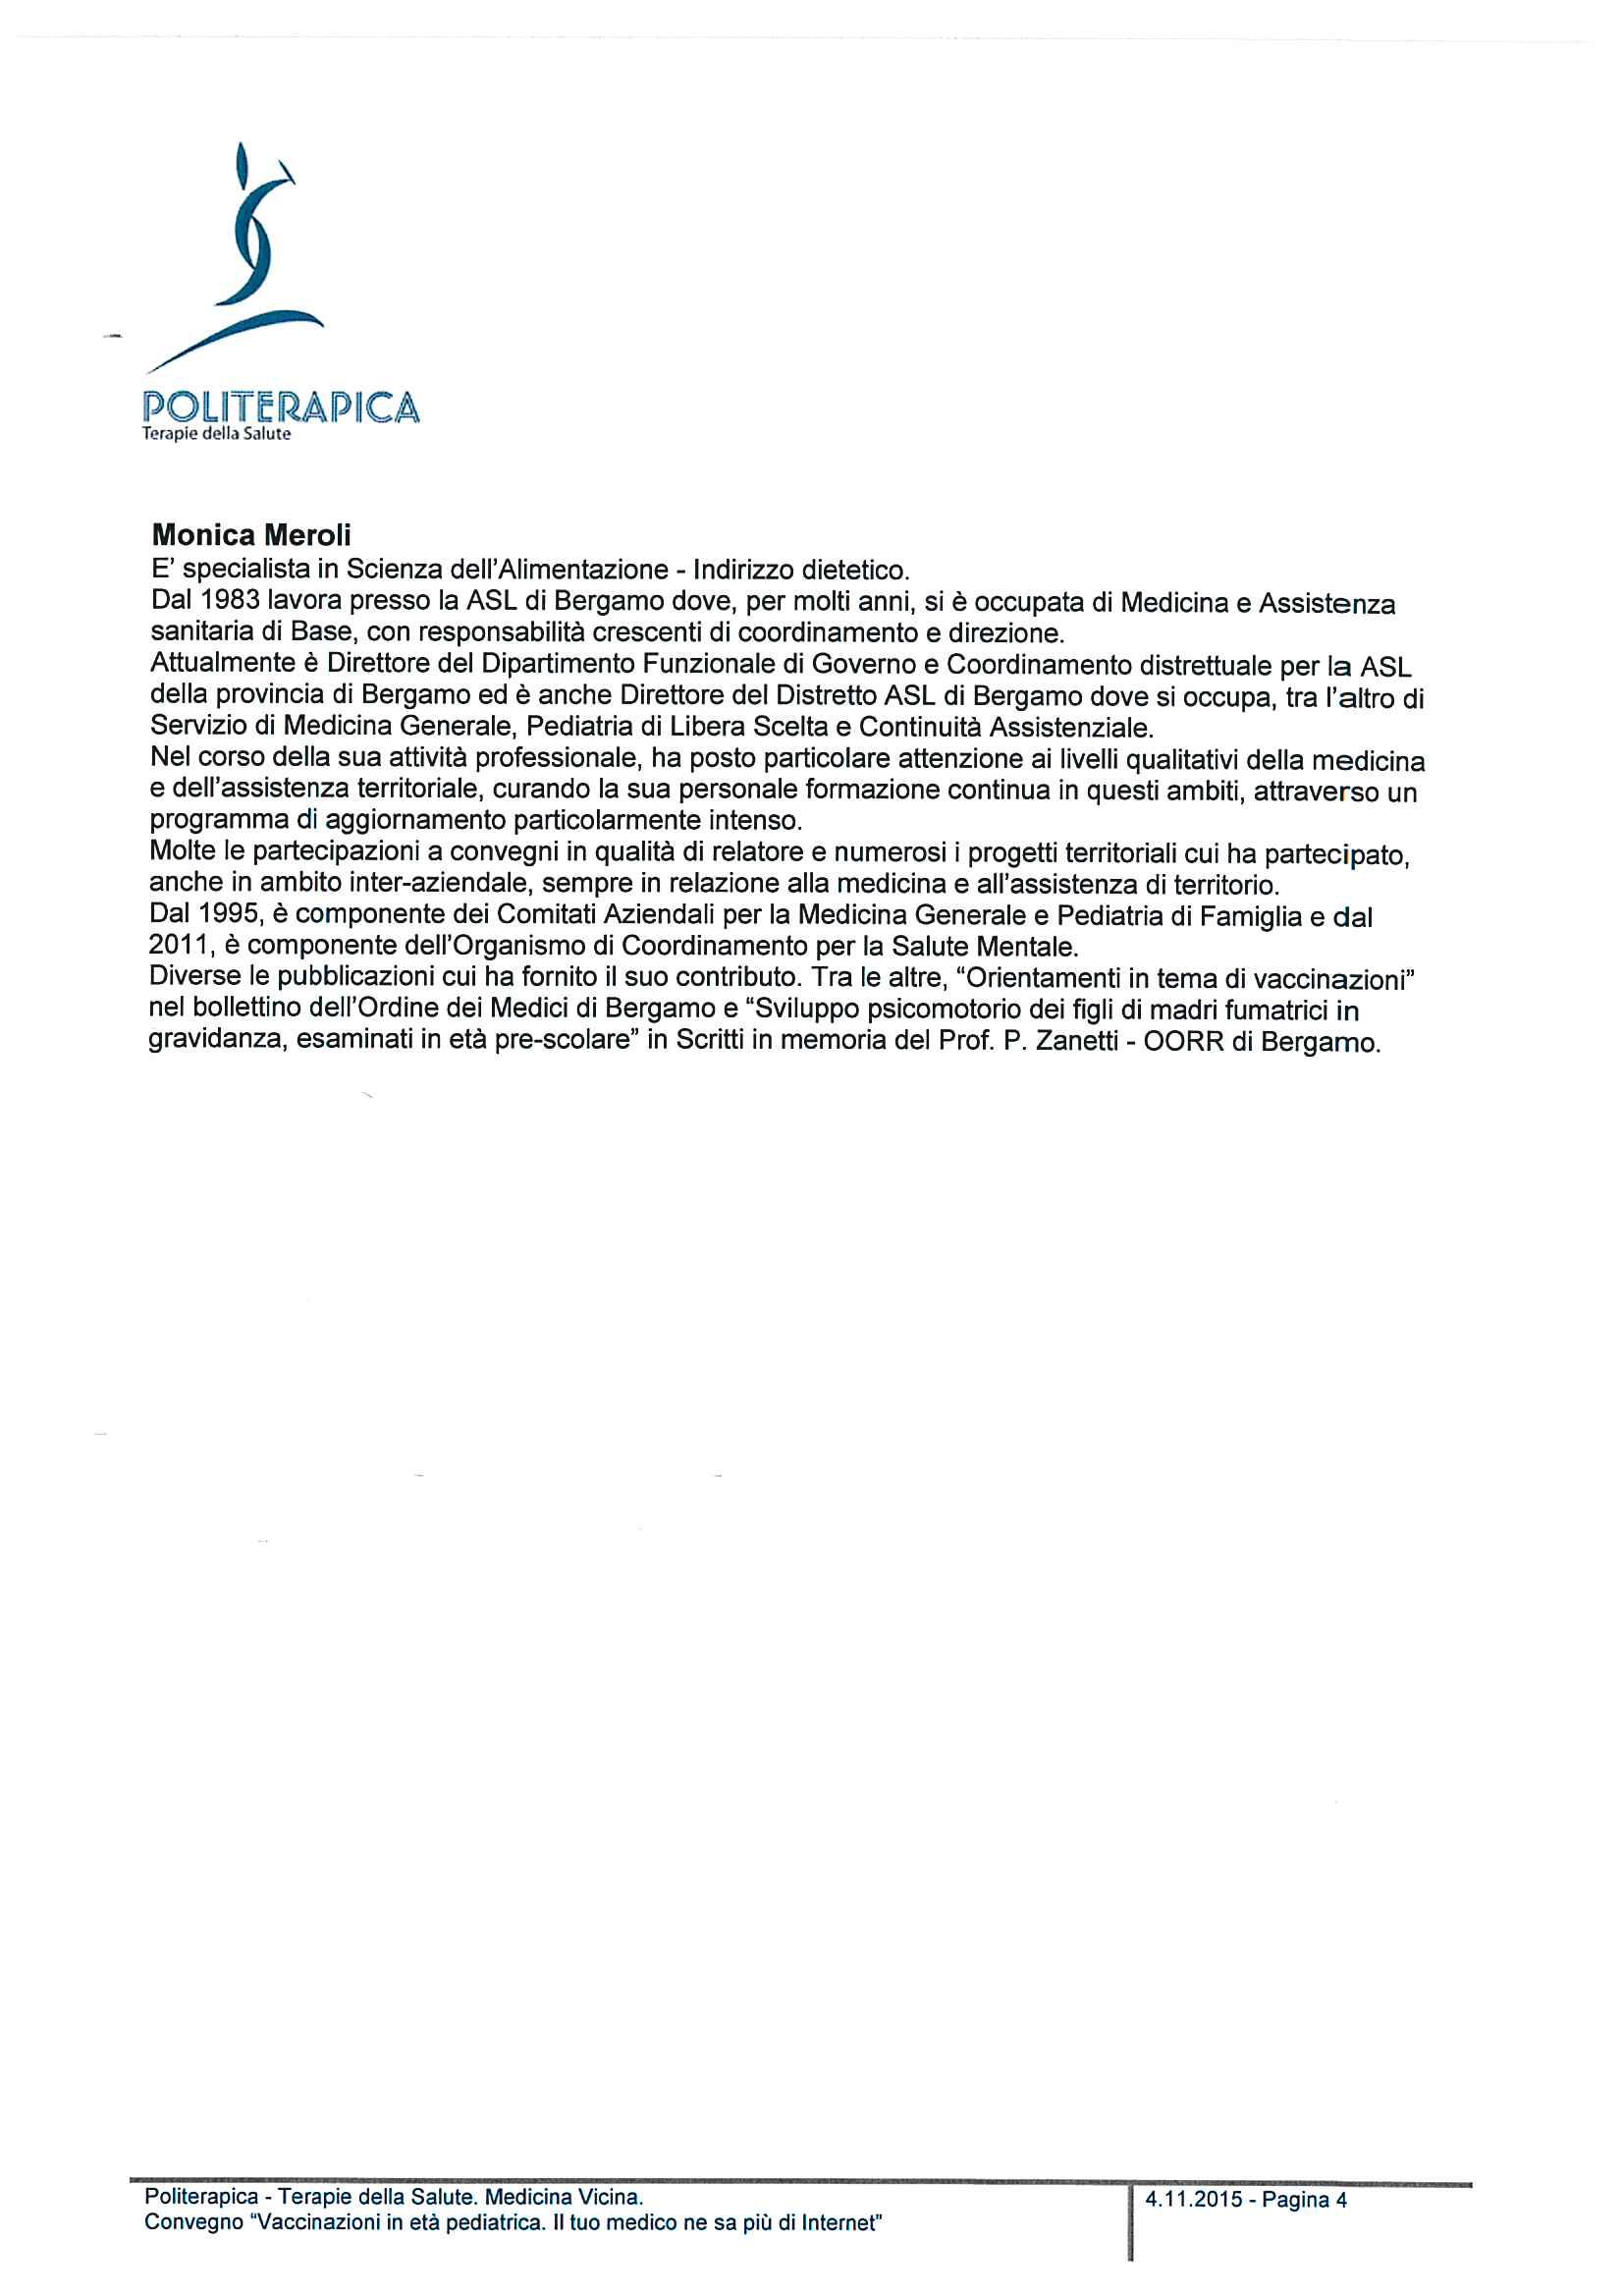 Convegno - Vaccinazioni in età pediatrica - Profilo relatori - 15.11.12 - 4